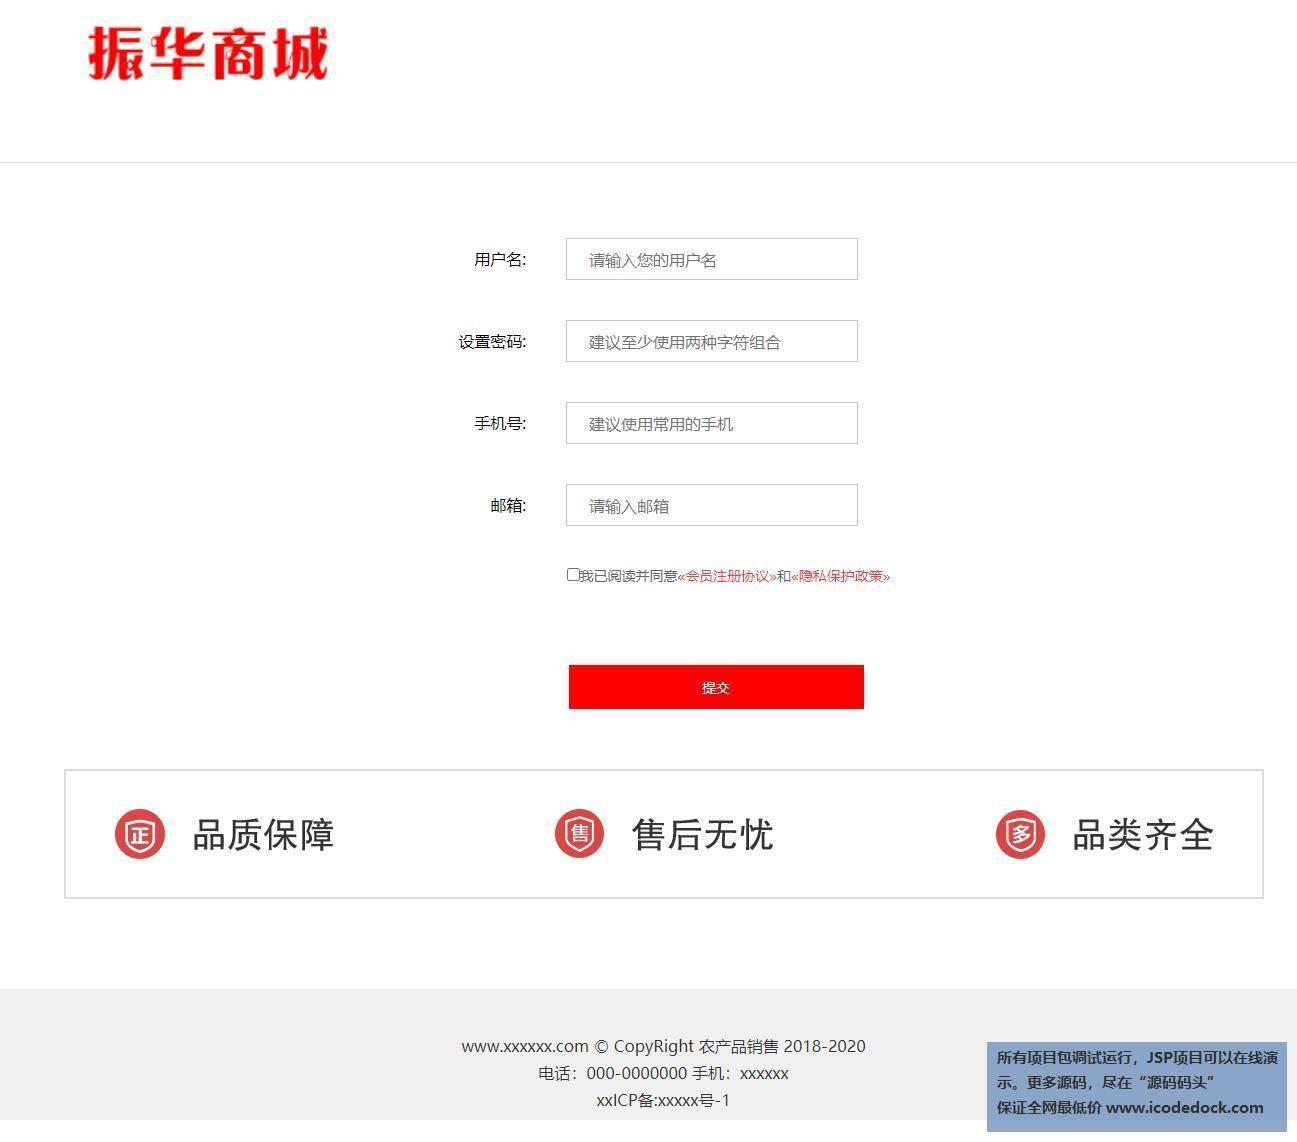 源码码头-SSM电器商城系统-用户角色-用户登录注册